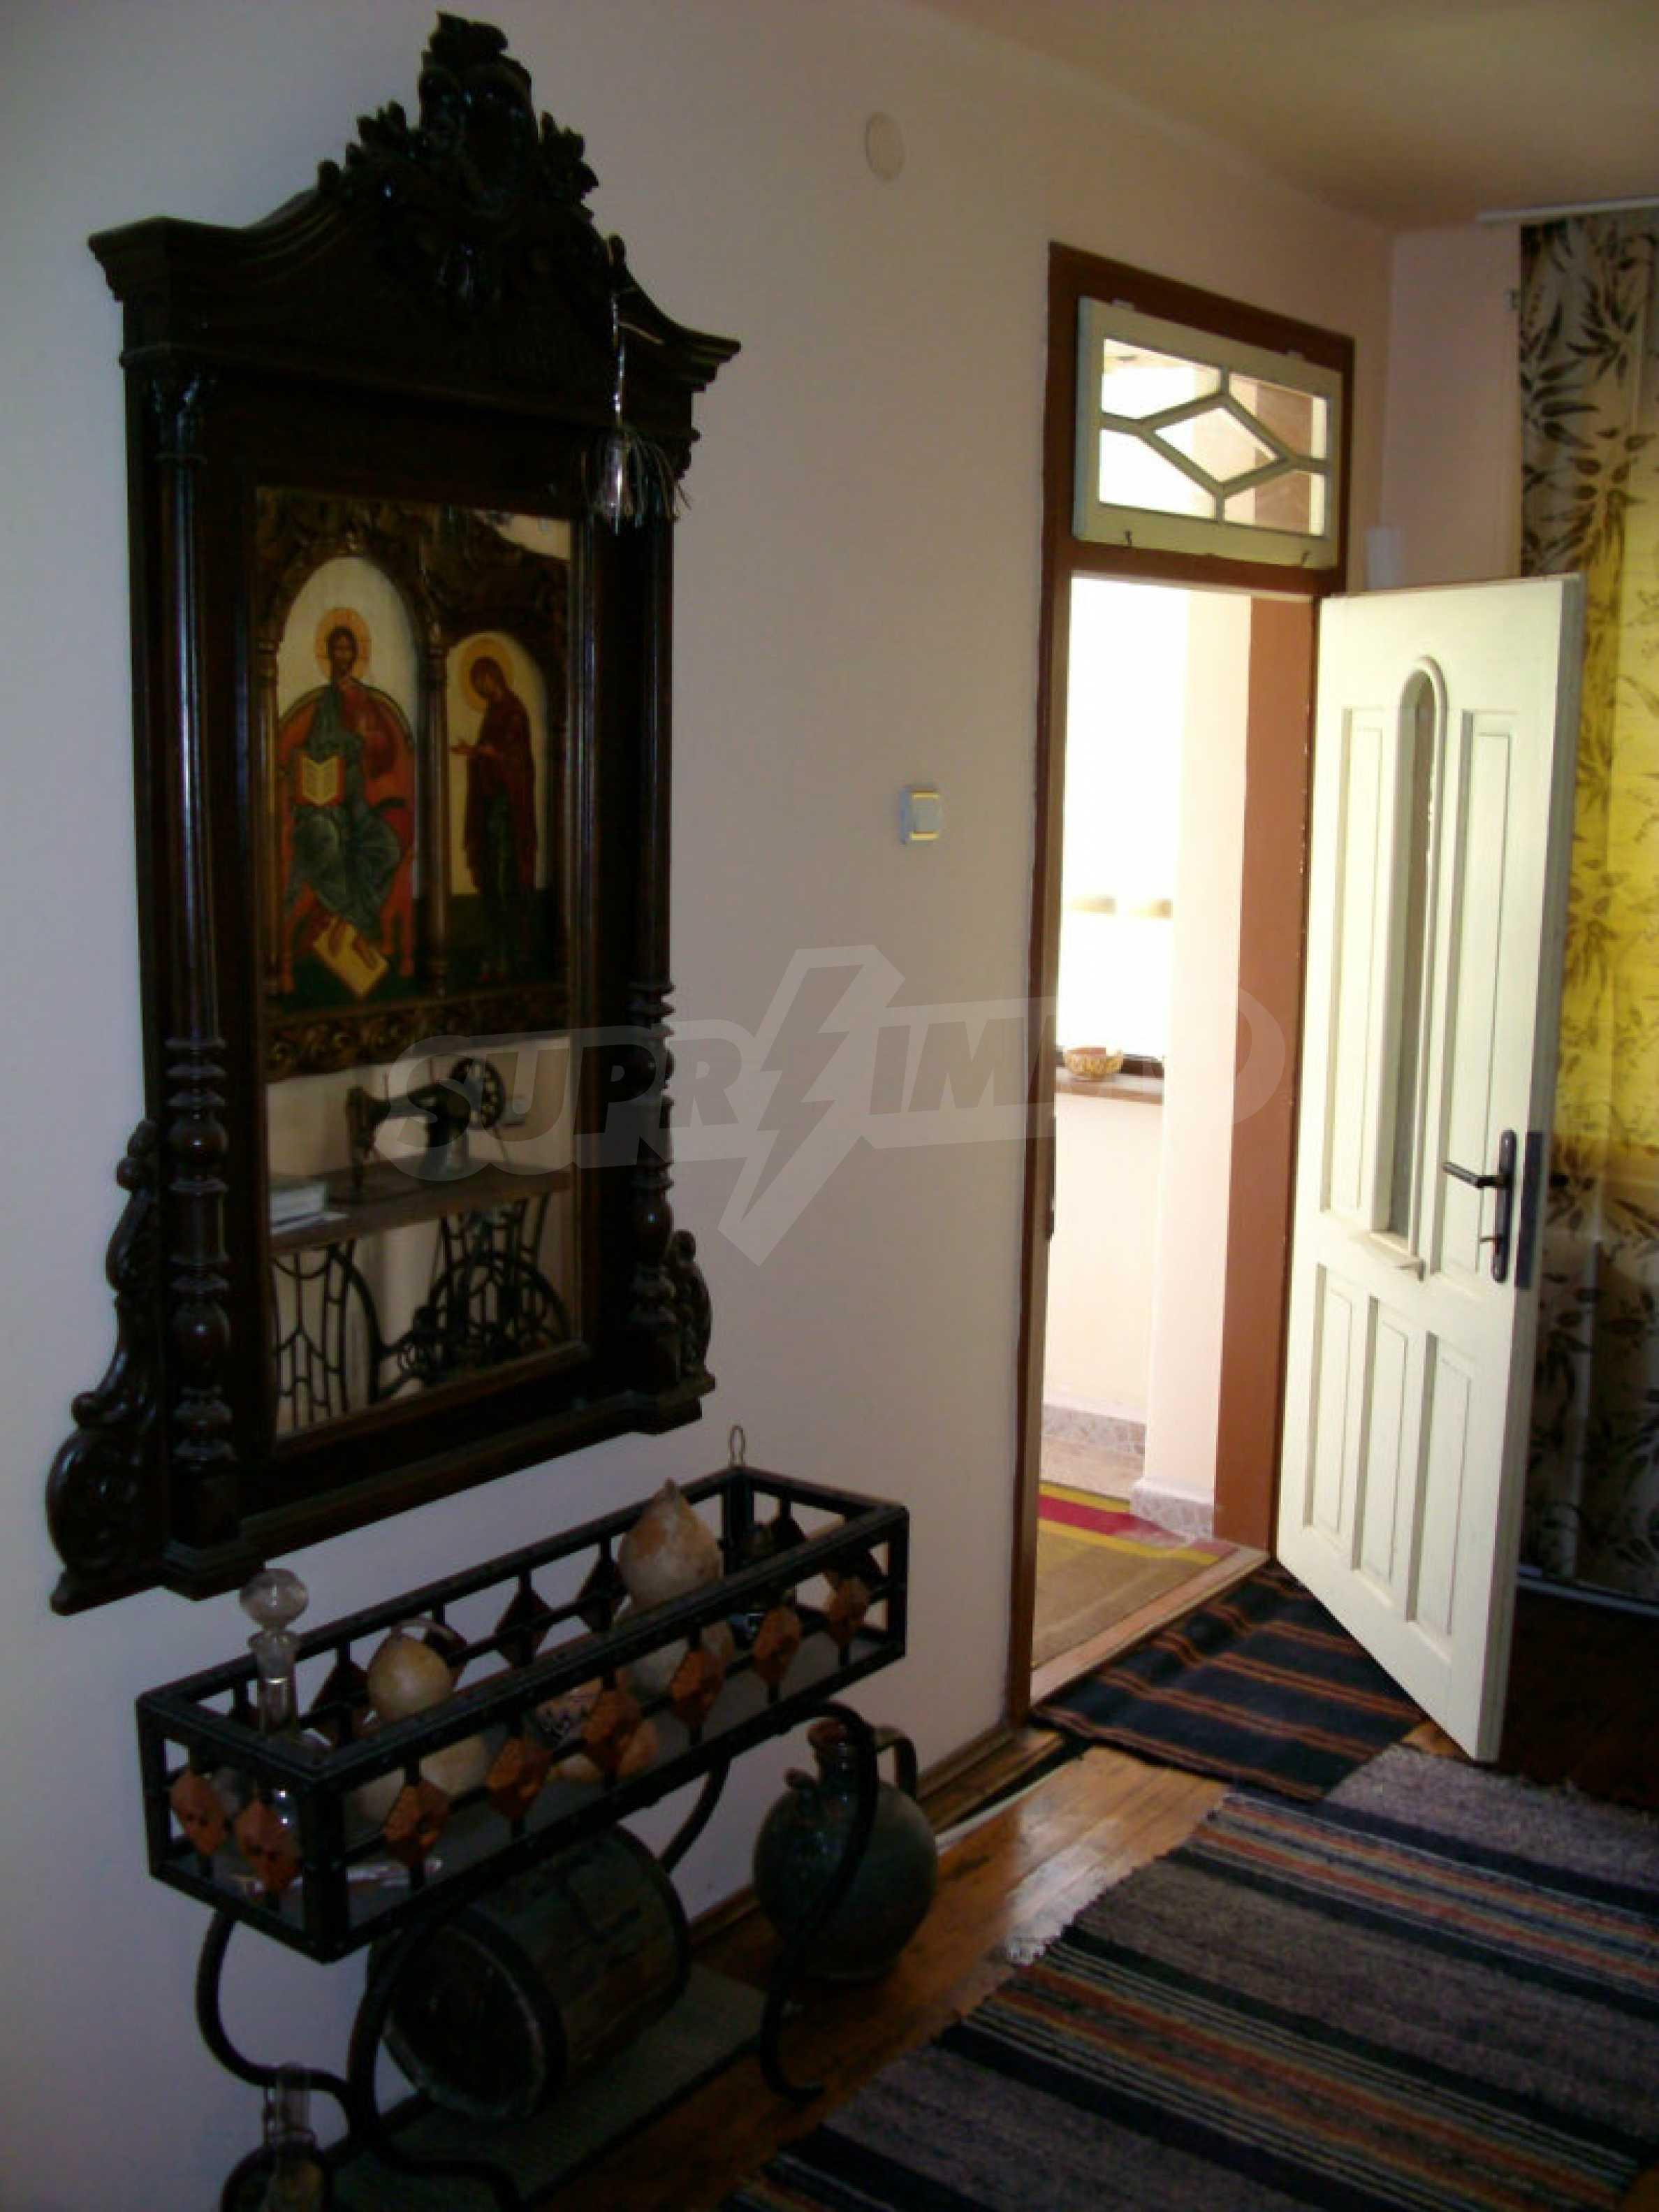 Vollständig möbliertes Anwesen im erhaltenen traditionellen bulgarischen Stil 7